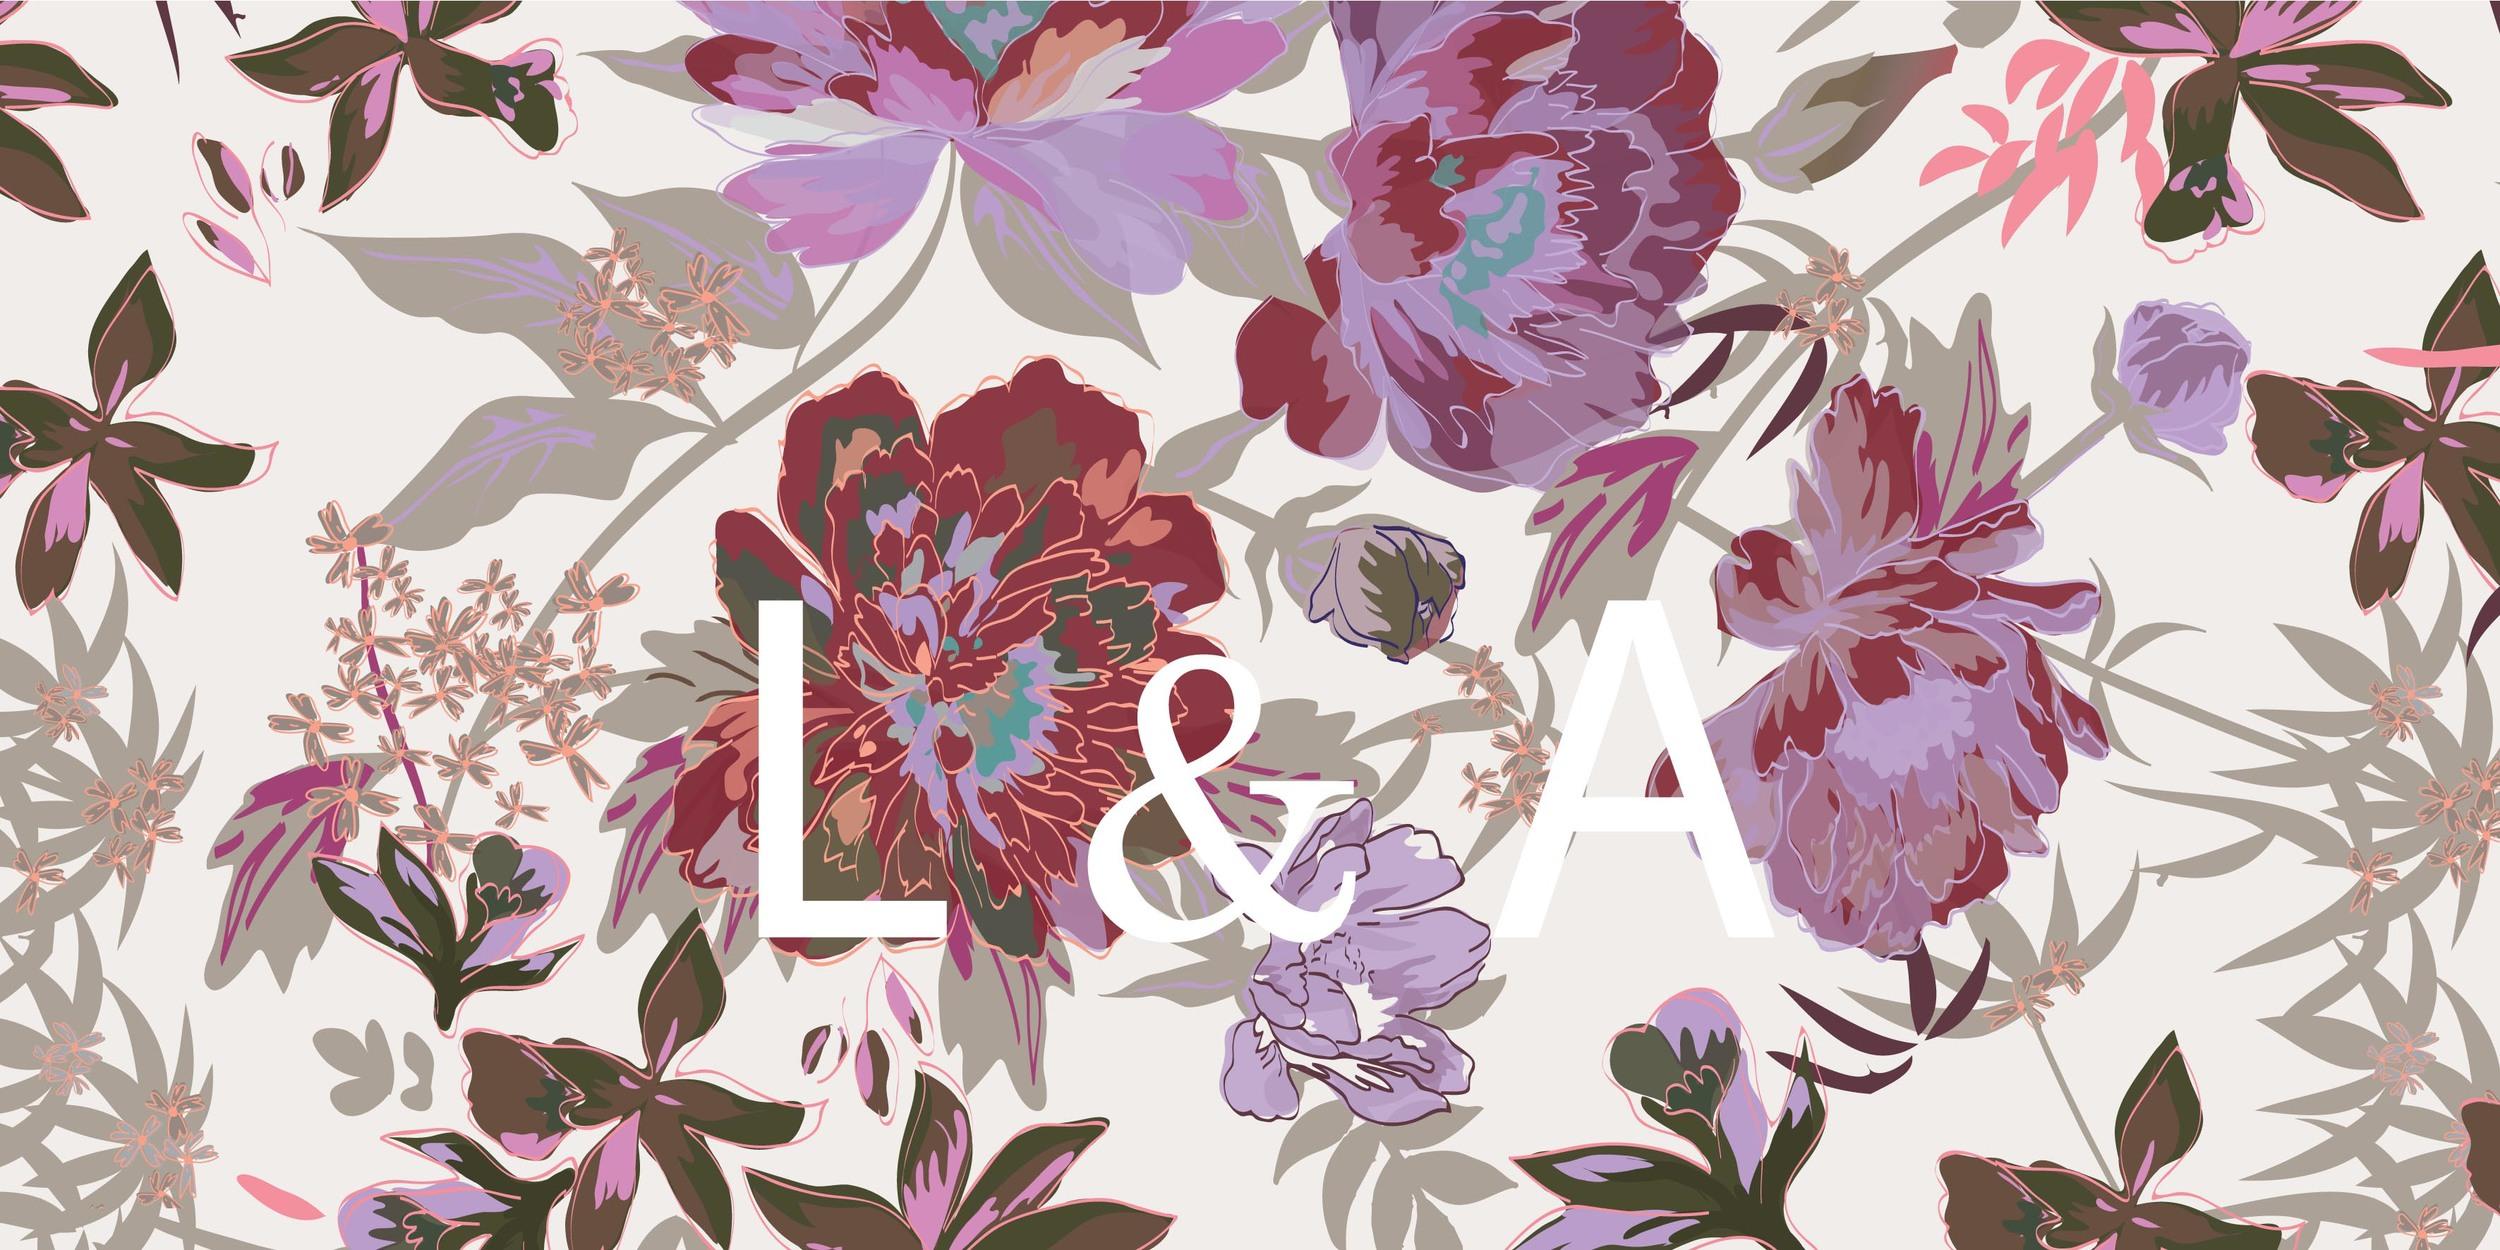 Vintage Floral Lge.jpg